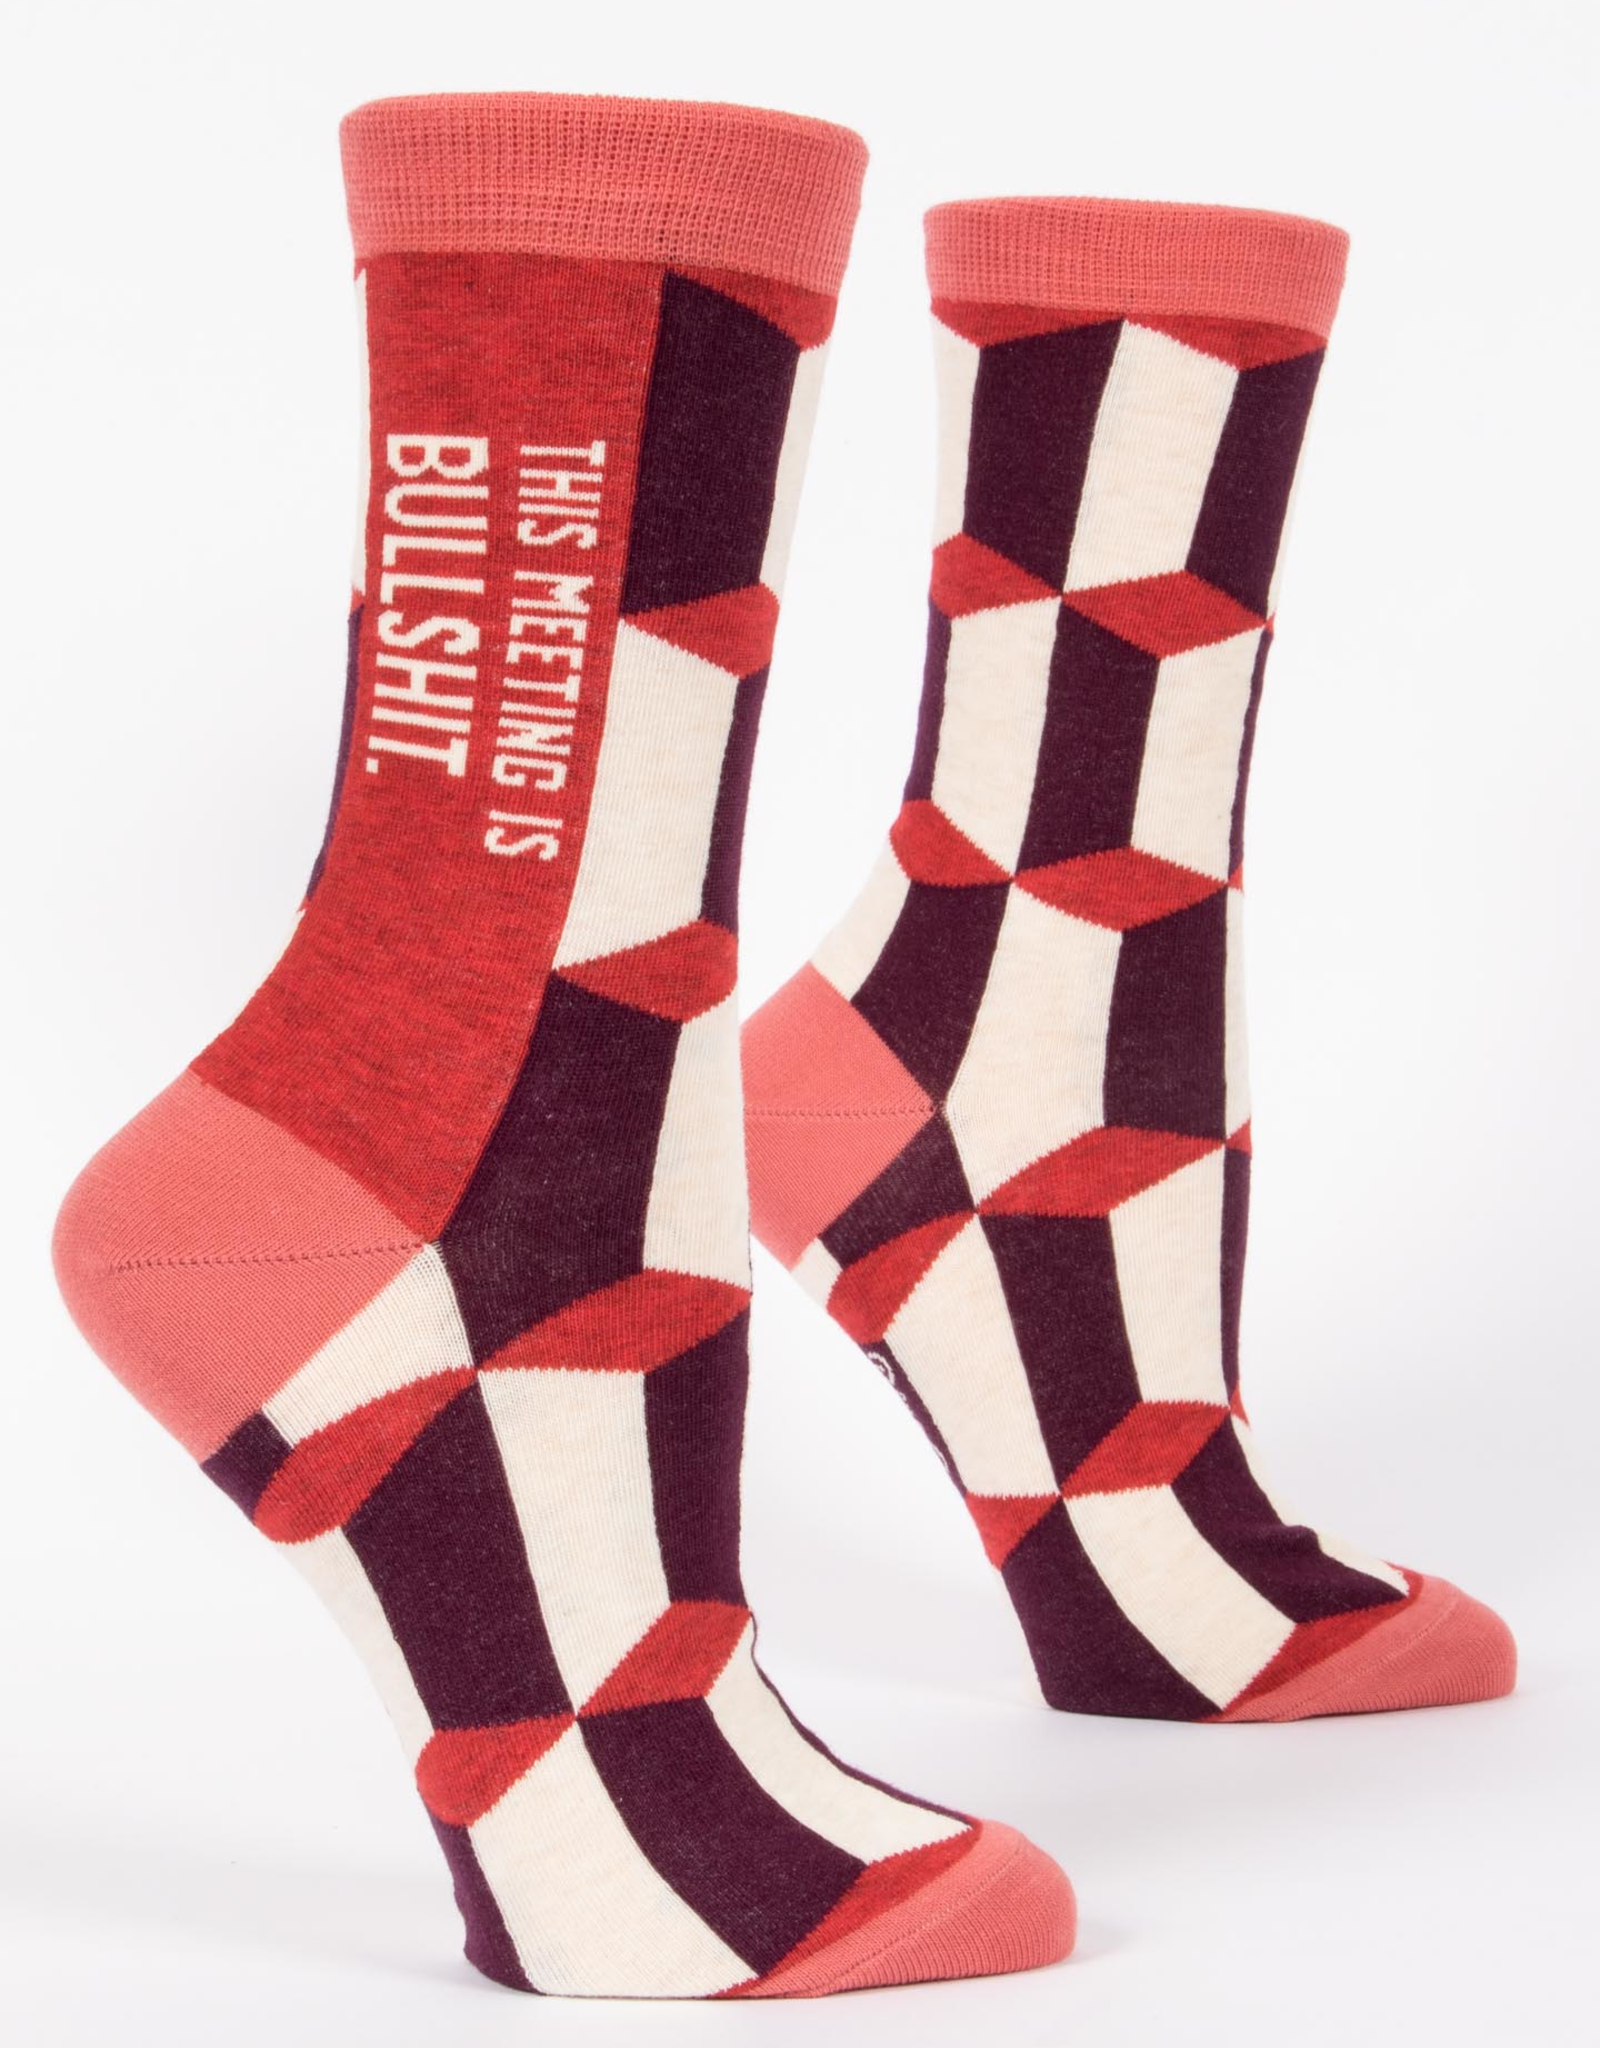 Blue Q Women's Socks - This Meeting Is Bullshit